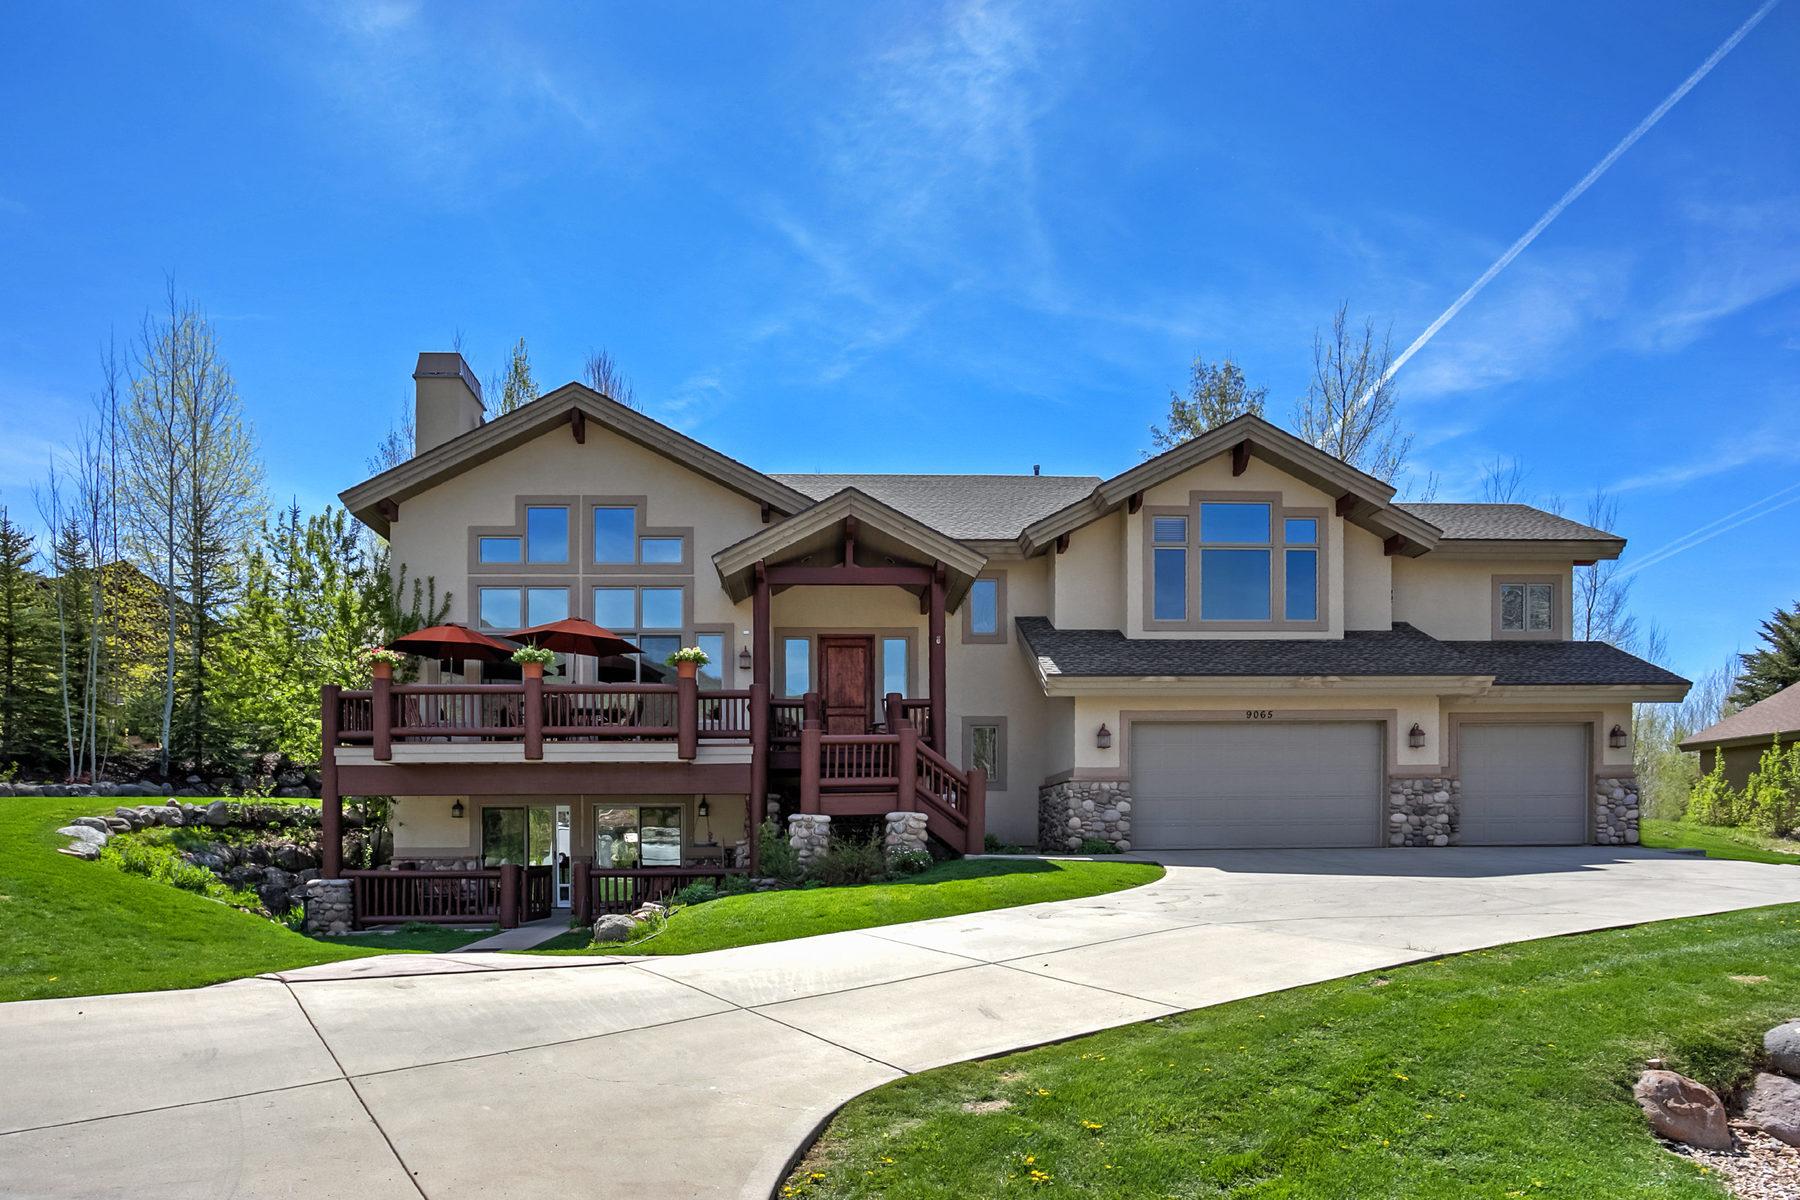 Частный односемейный дом для того Продажа на Charming Mountain Contemporary 9065 N Cheyenne Way Park City, Юта, 84098 Соединенные Штаты